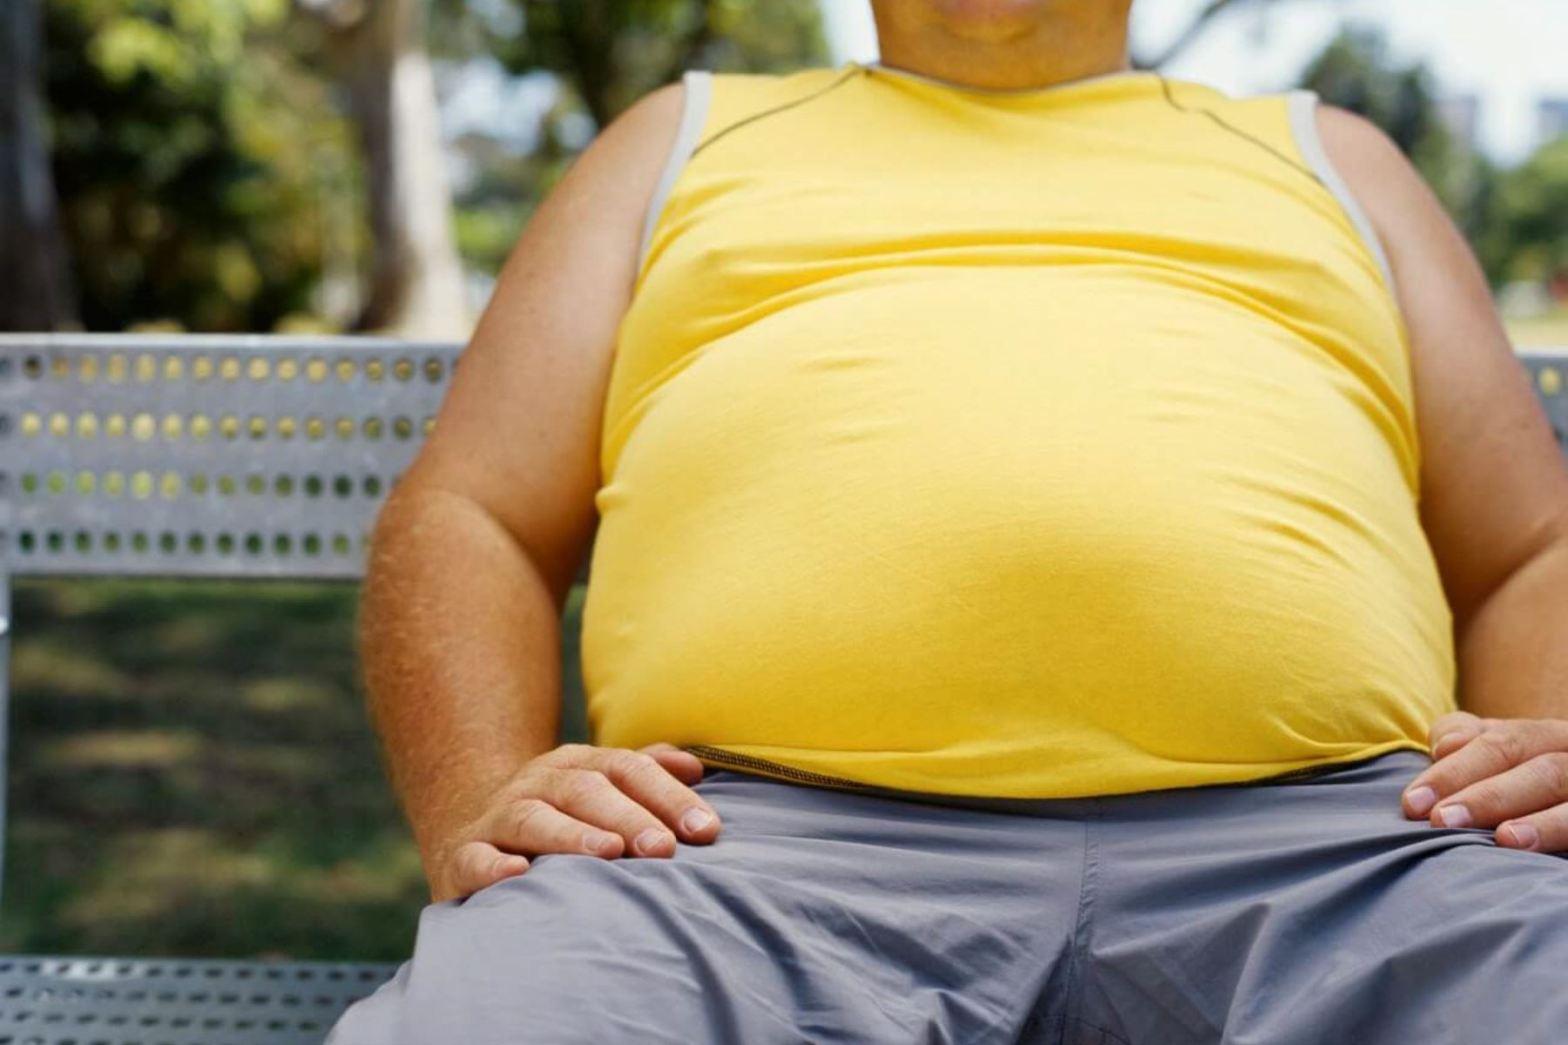 Un 37% de jóvenes y adultos tiene sobrepeso y un 22% obesidad según INEI